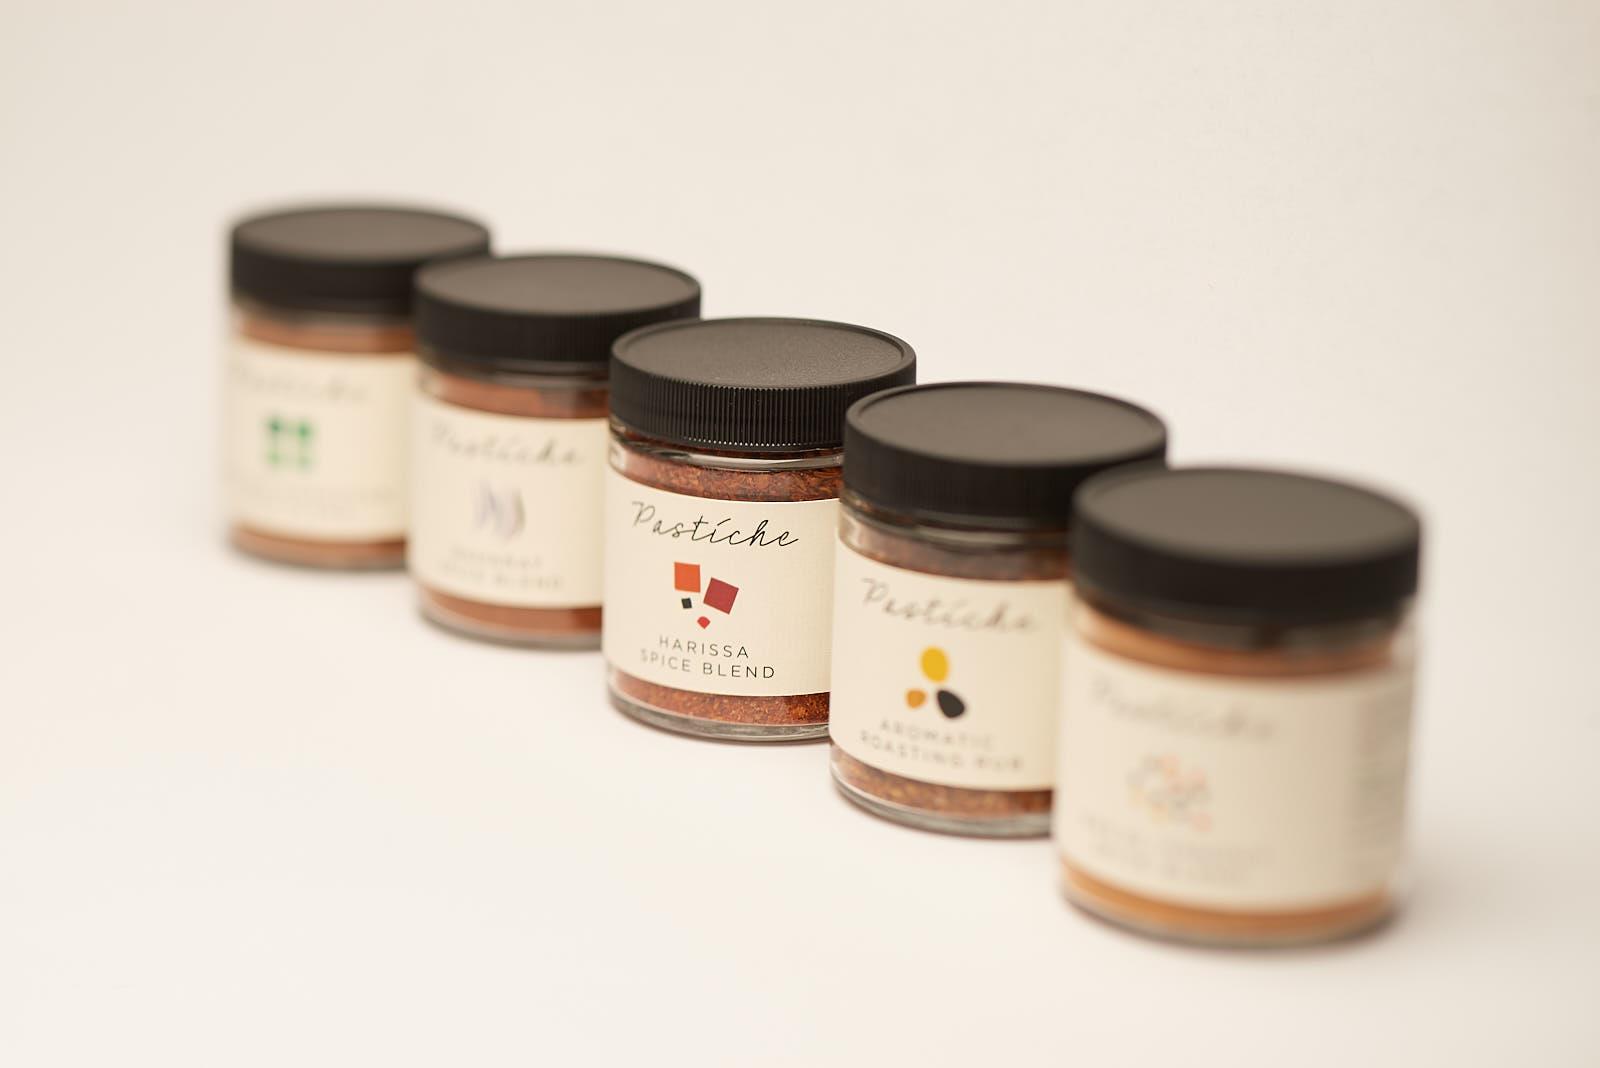 Pastiche Spice Blends